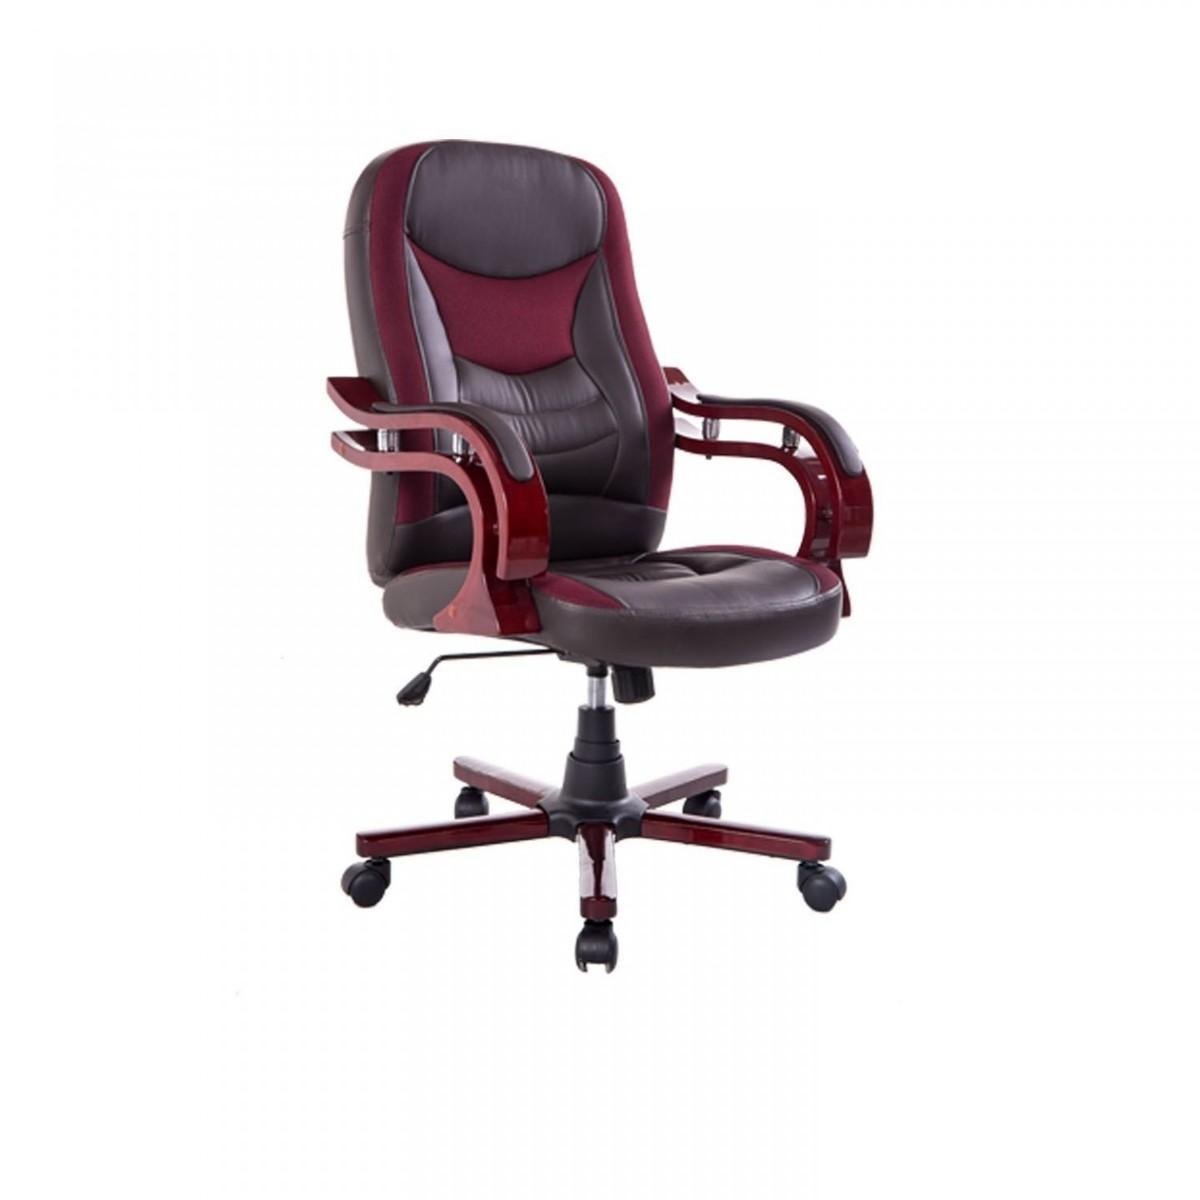 Kancelárska stolička - hnedo-červená